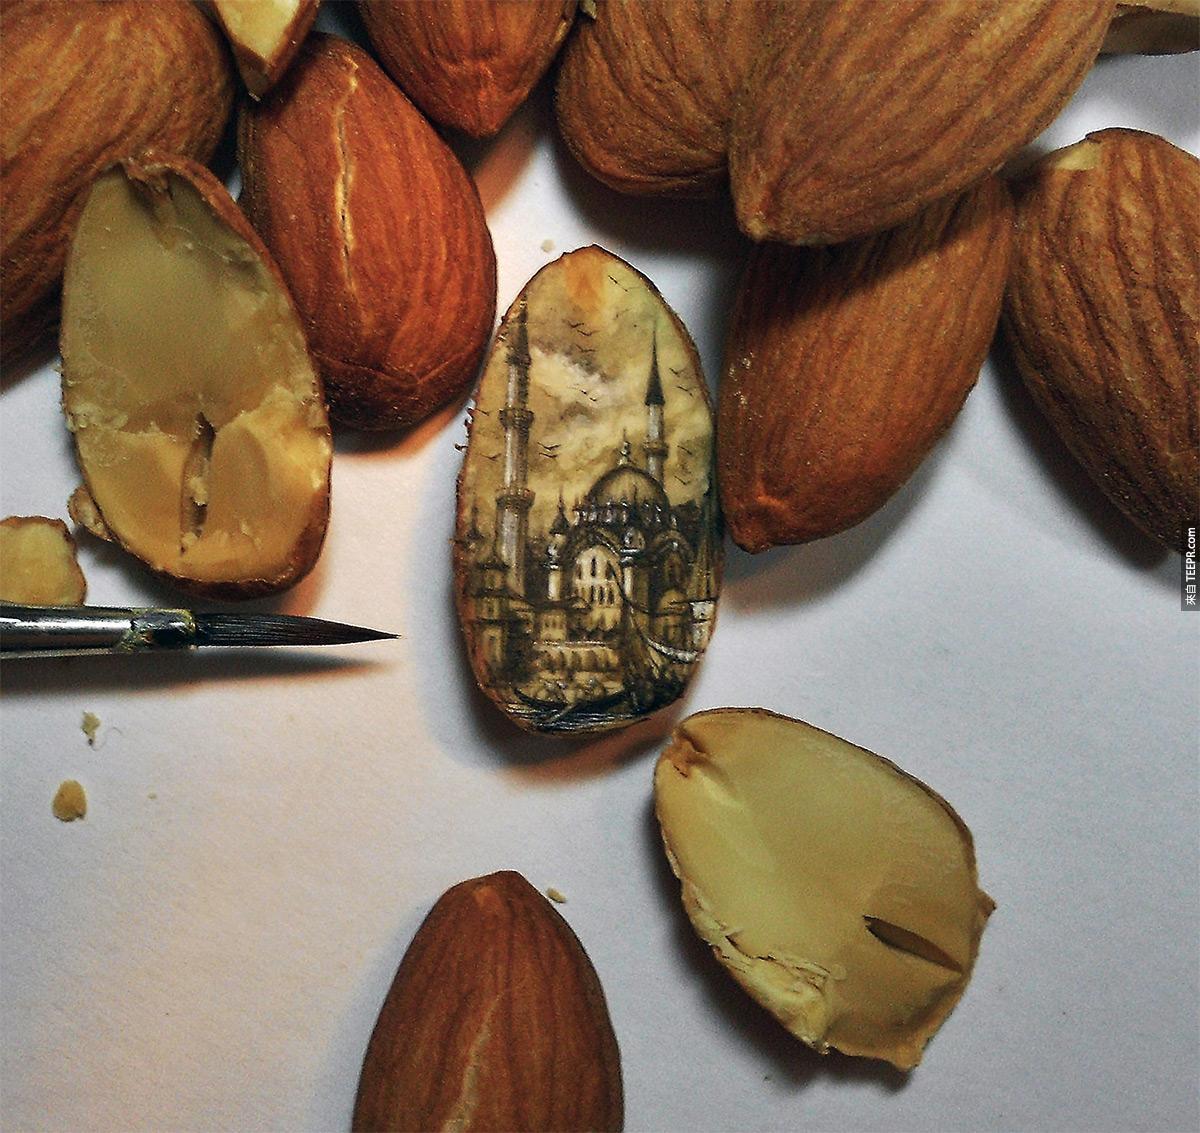 4.) Almond